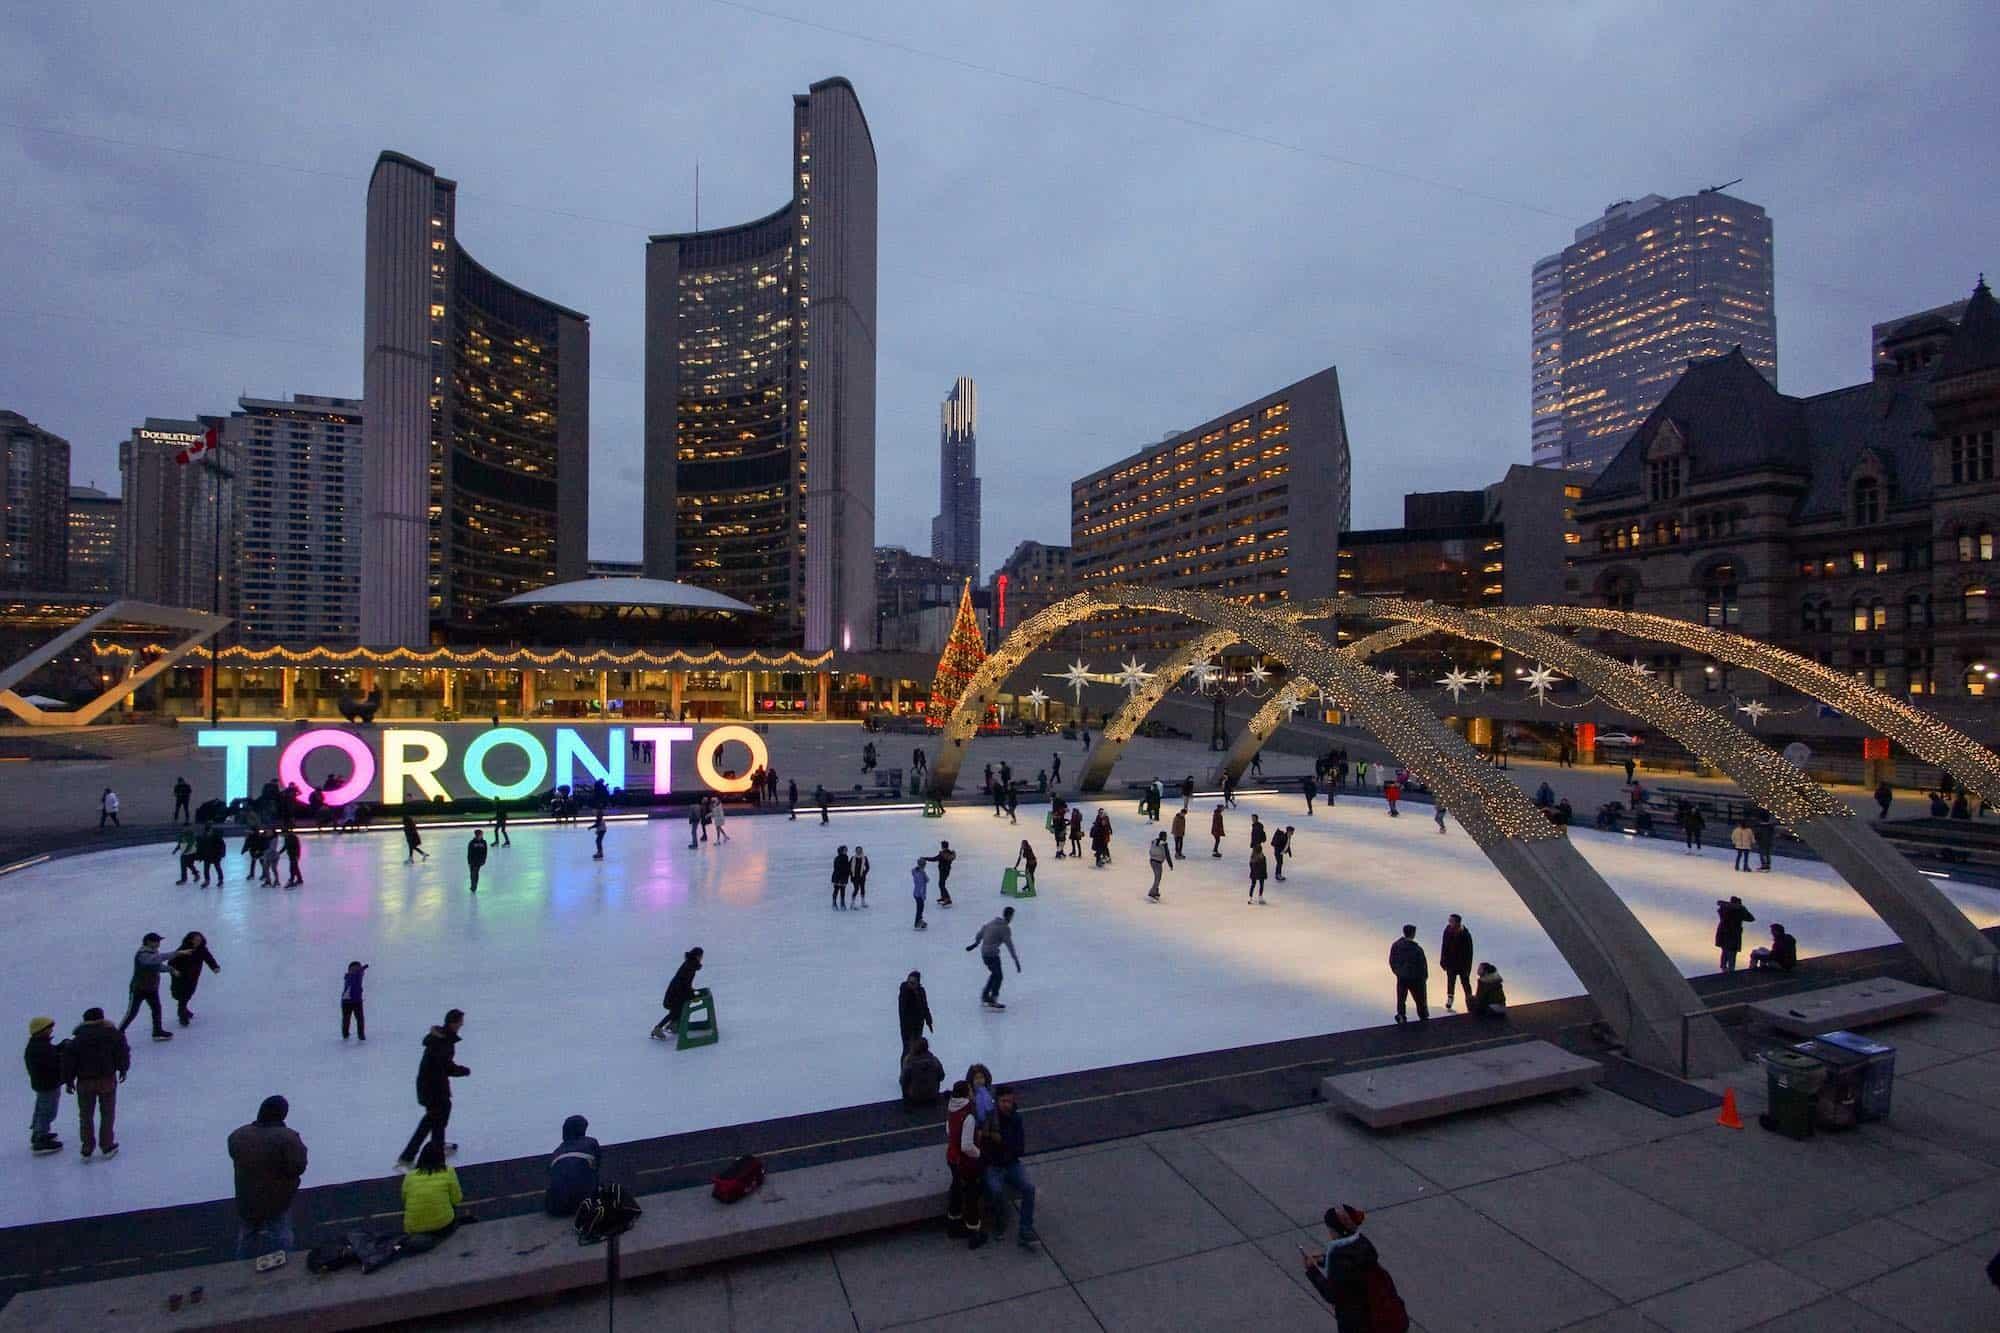 Gelecek Ay Kış Macerası Kapsamında Toronto Merkezinden Arrowhead Park'a  Otobüsle Tur Yapabilirsiniz! 1